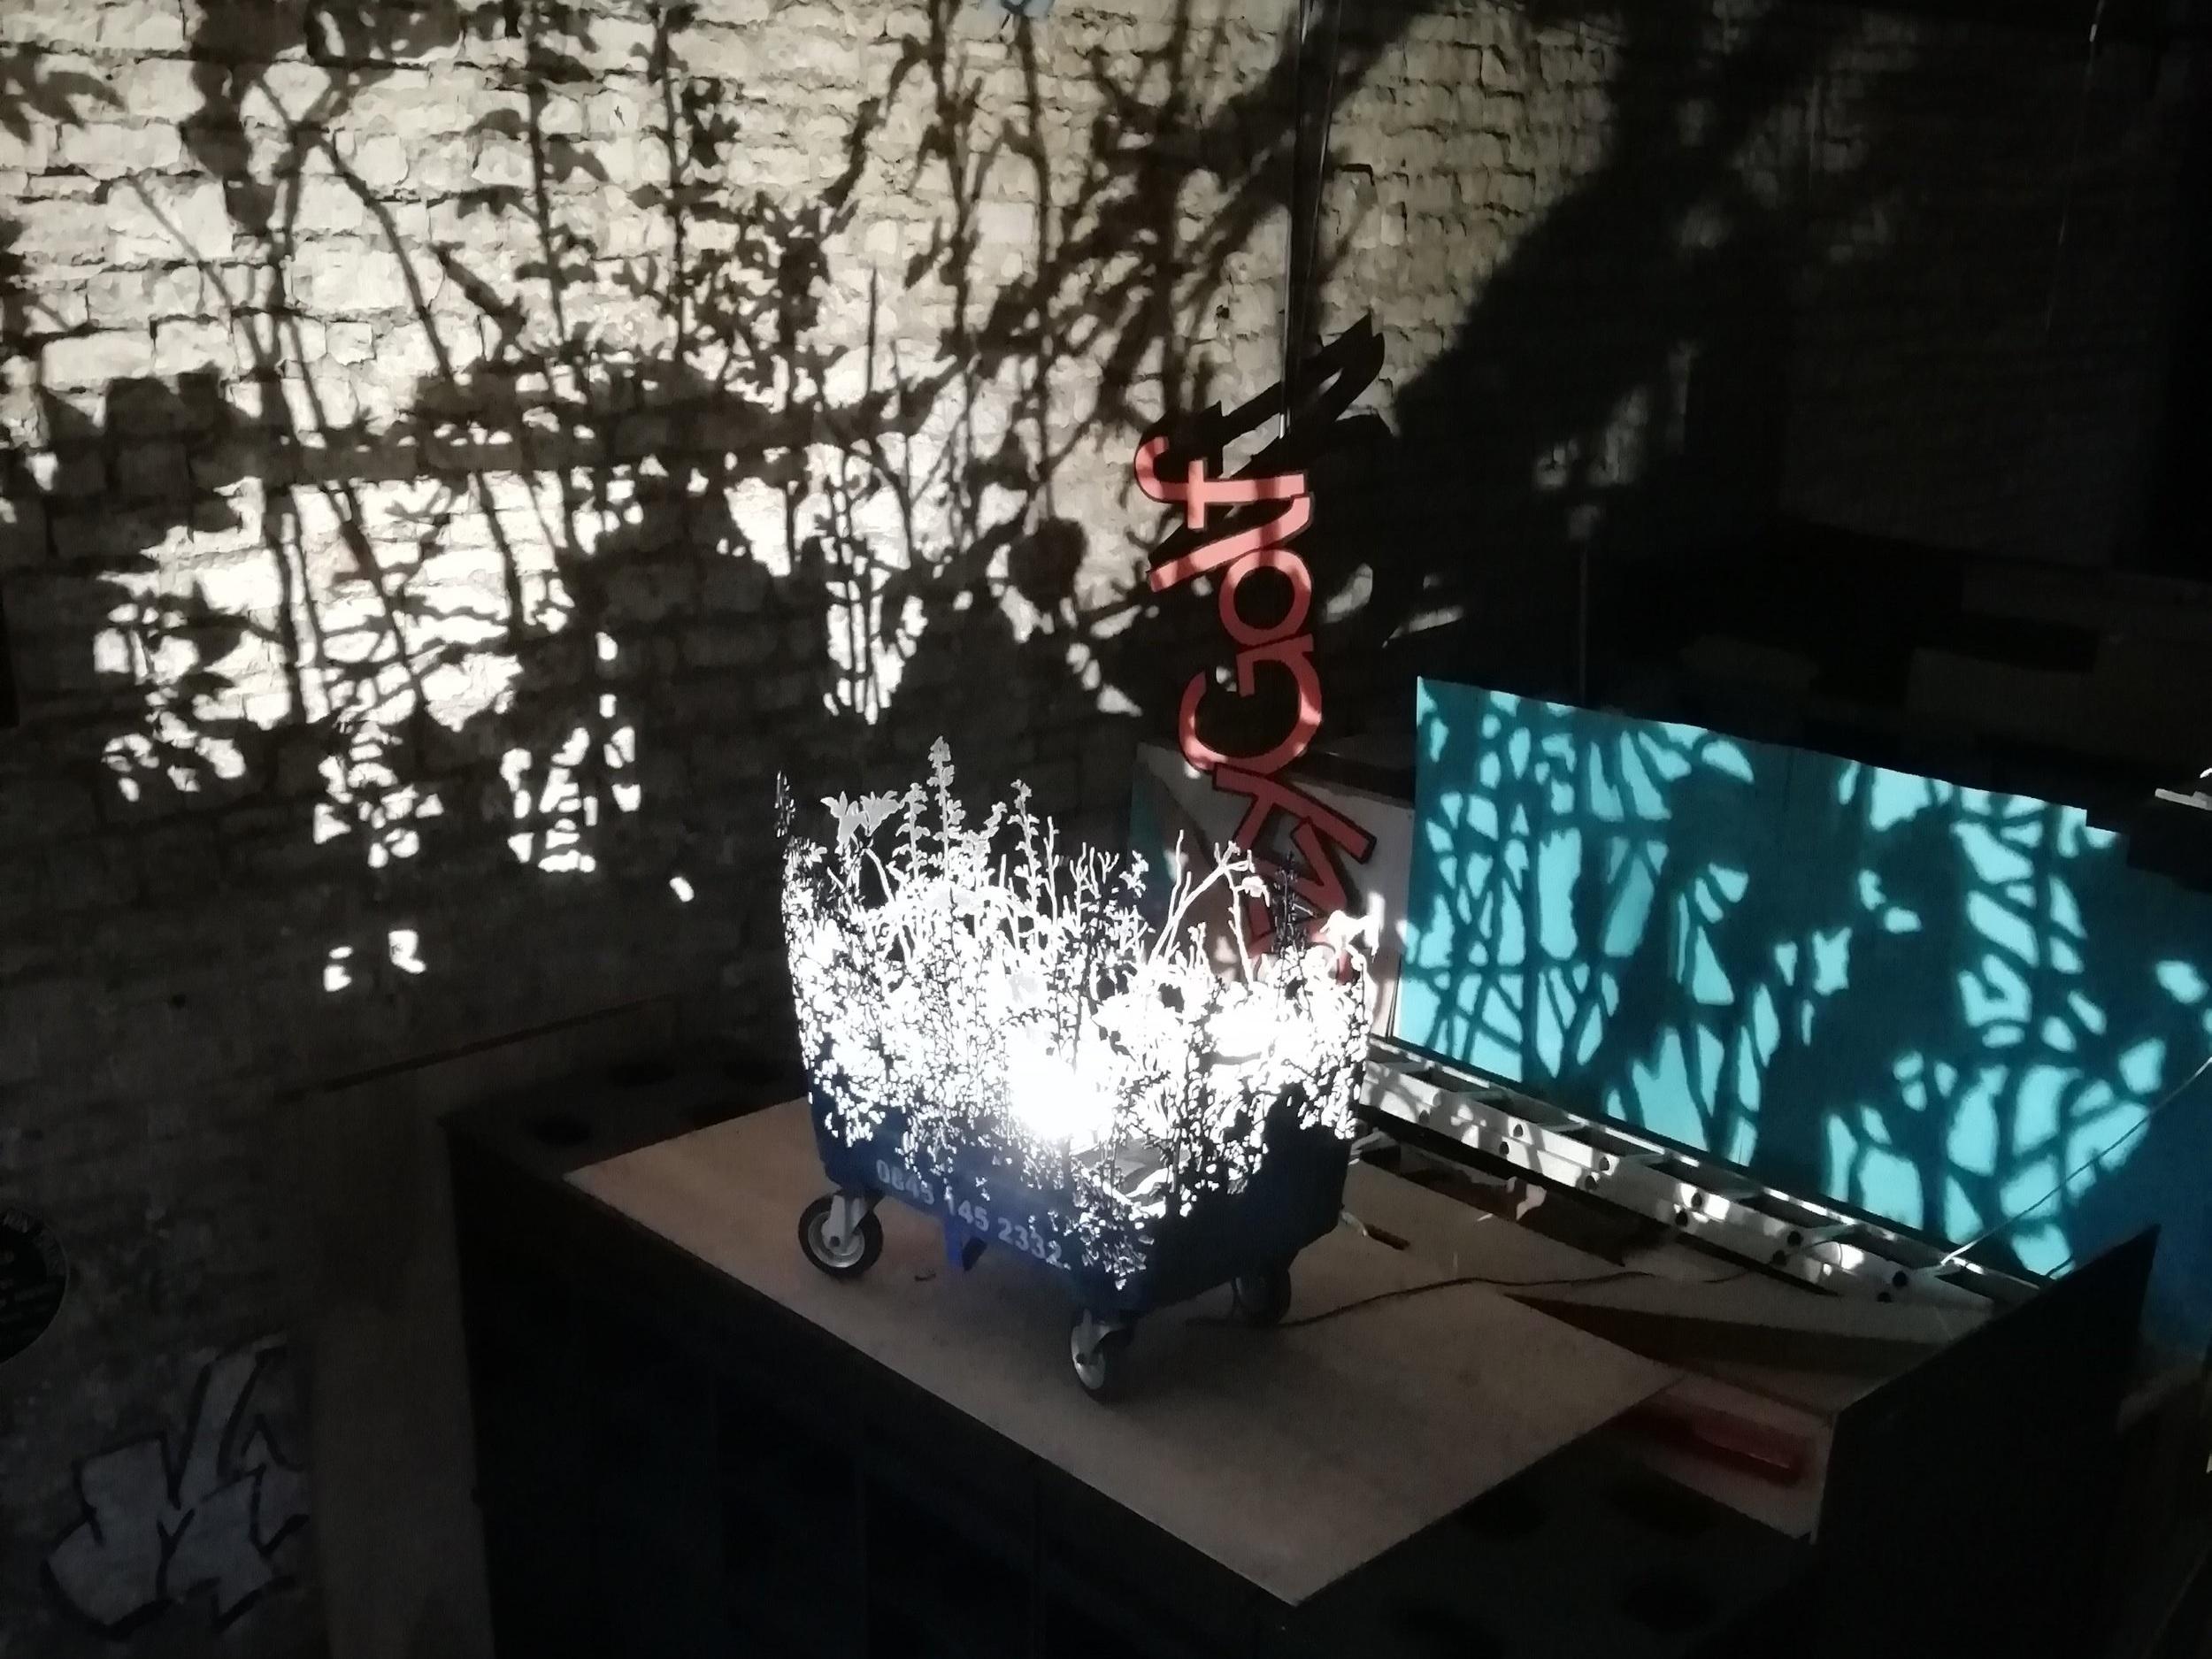 Dan+rawlings+work+at+goods+shed.jpg